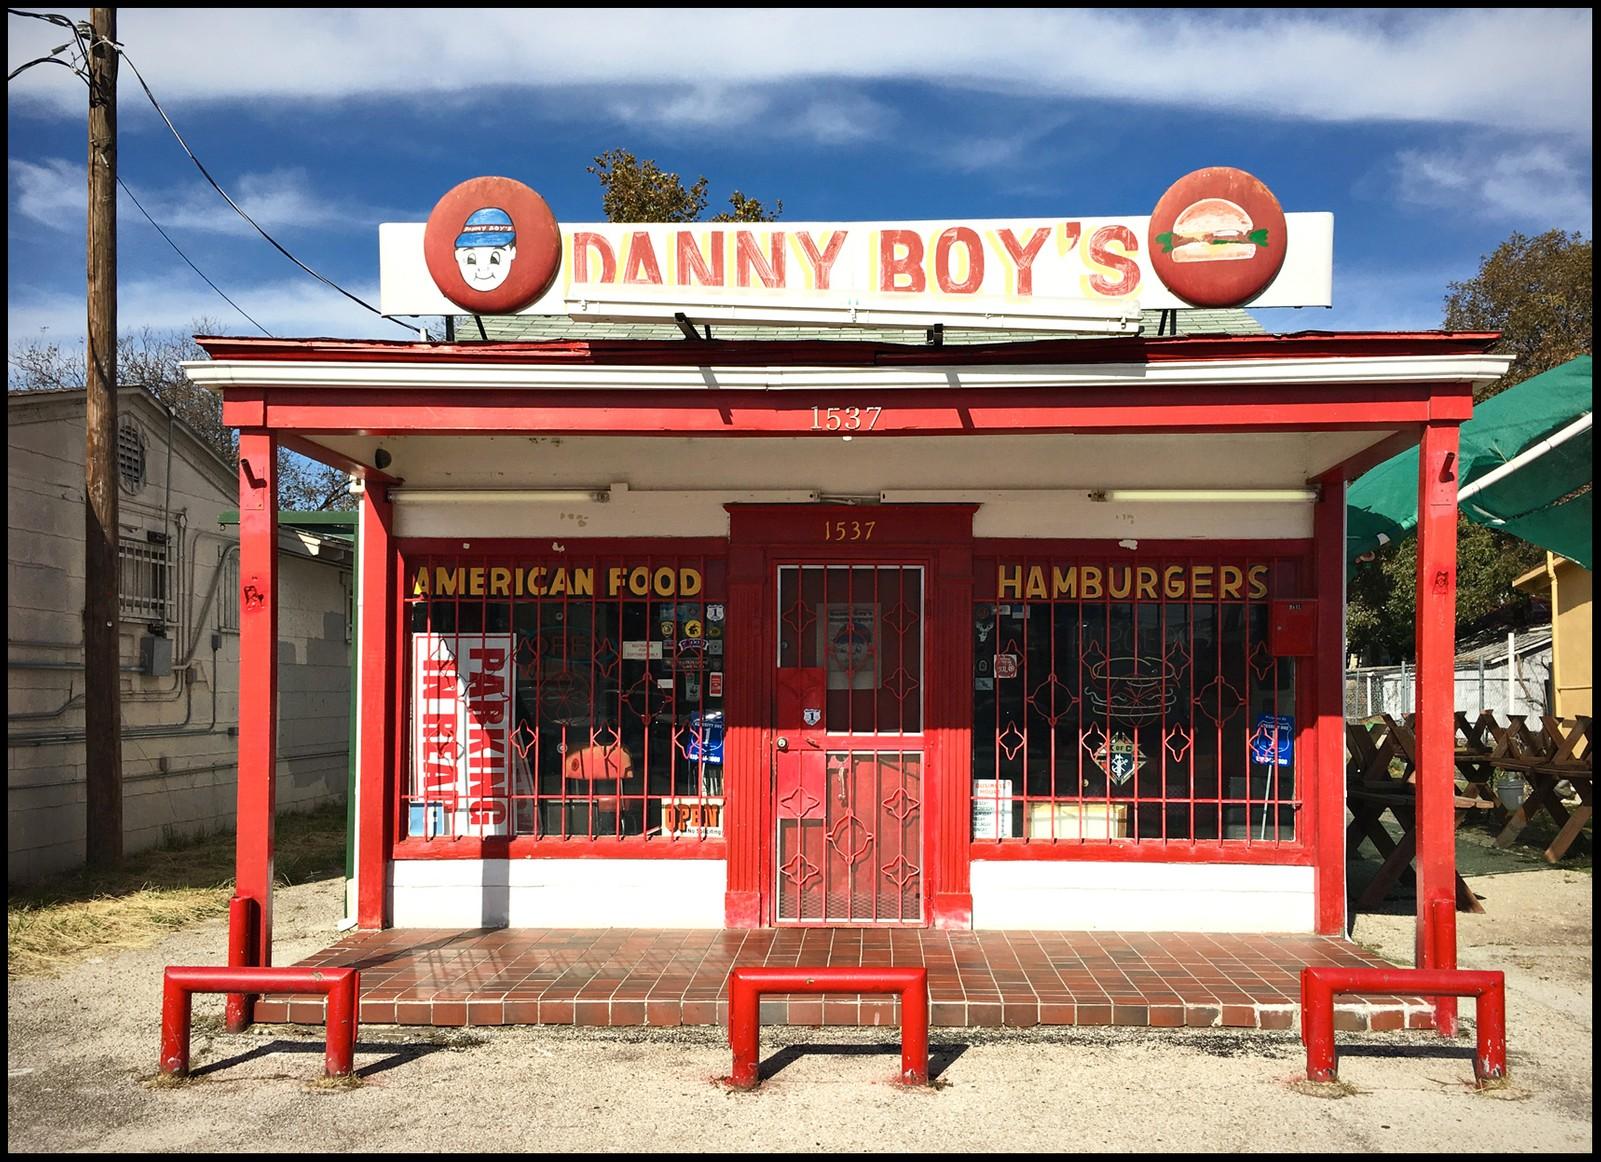 Danny Boy's - San Antonio, TX_12.01.2016